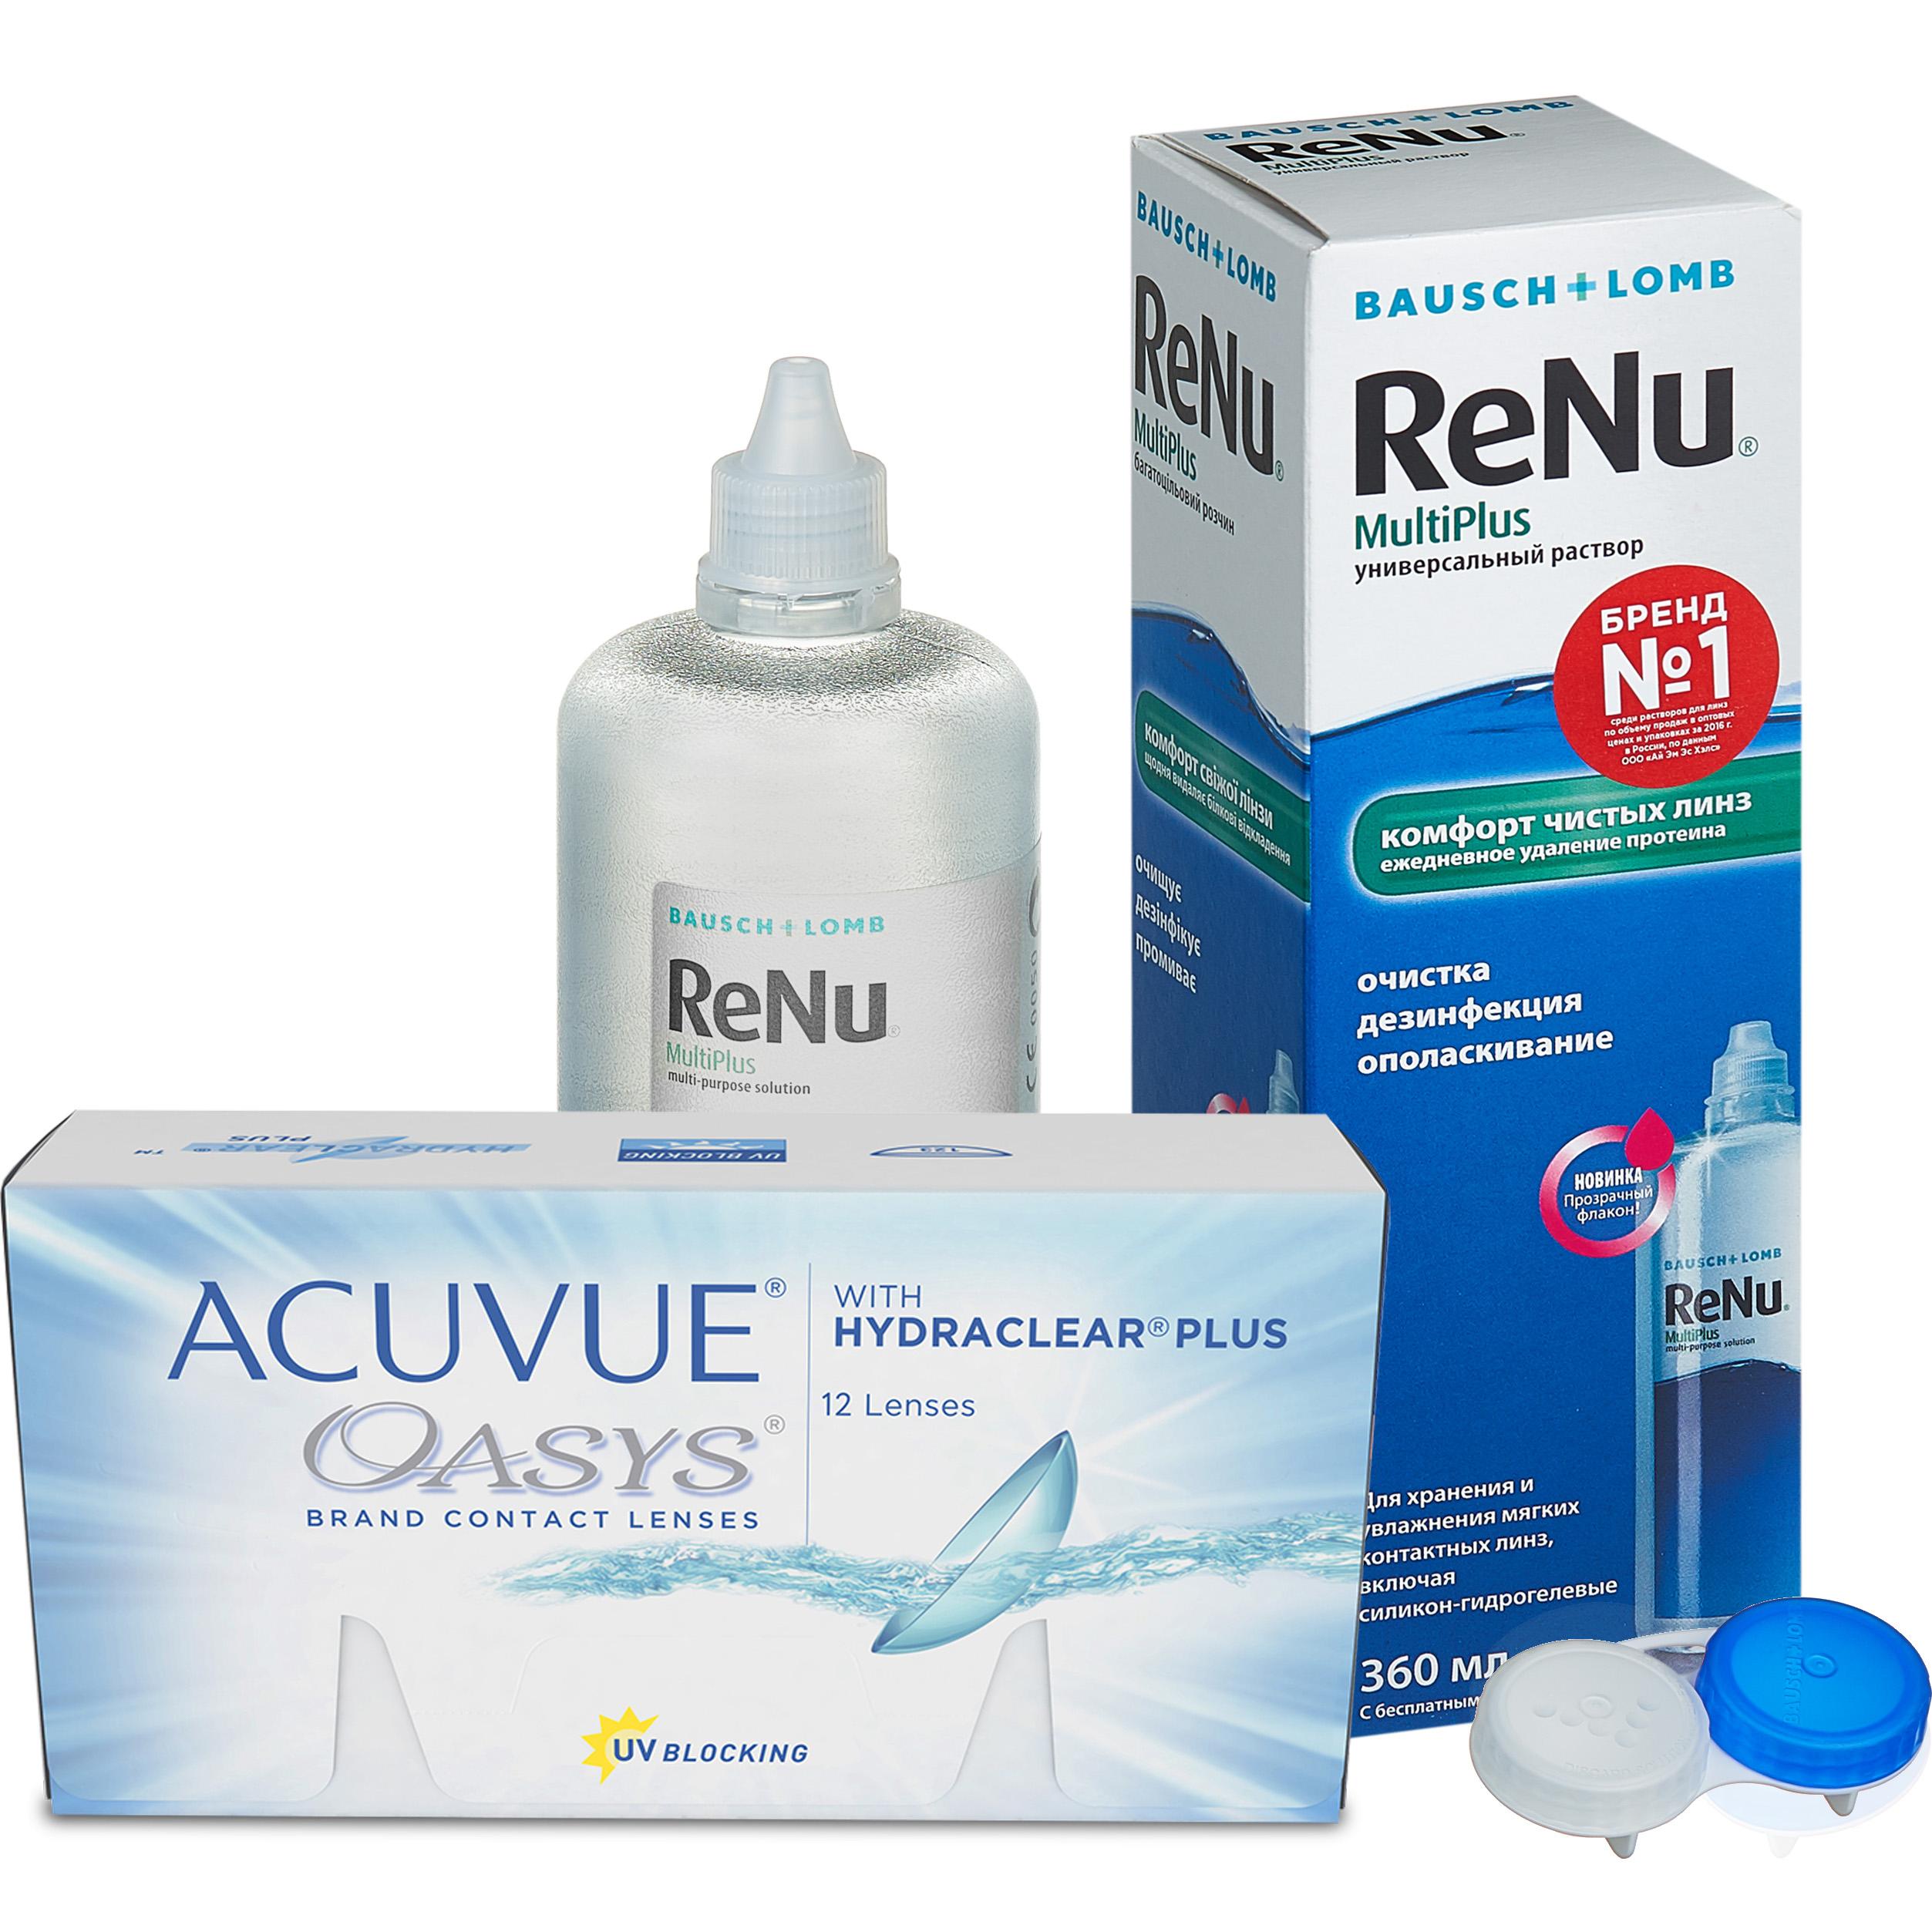 Купить Oasys with Hydraclear Plus 12 линз + ReNu MultiPlus, Линзы Acuvue Oasys with Hydraclear Plus 12 линз R 8.8 +0, 25 + ReNu Multi Plus 360 мл